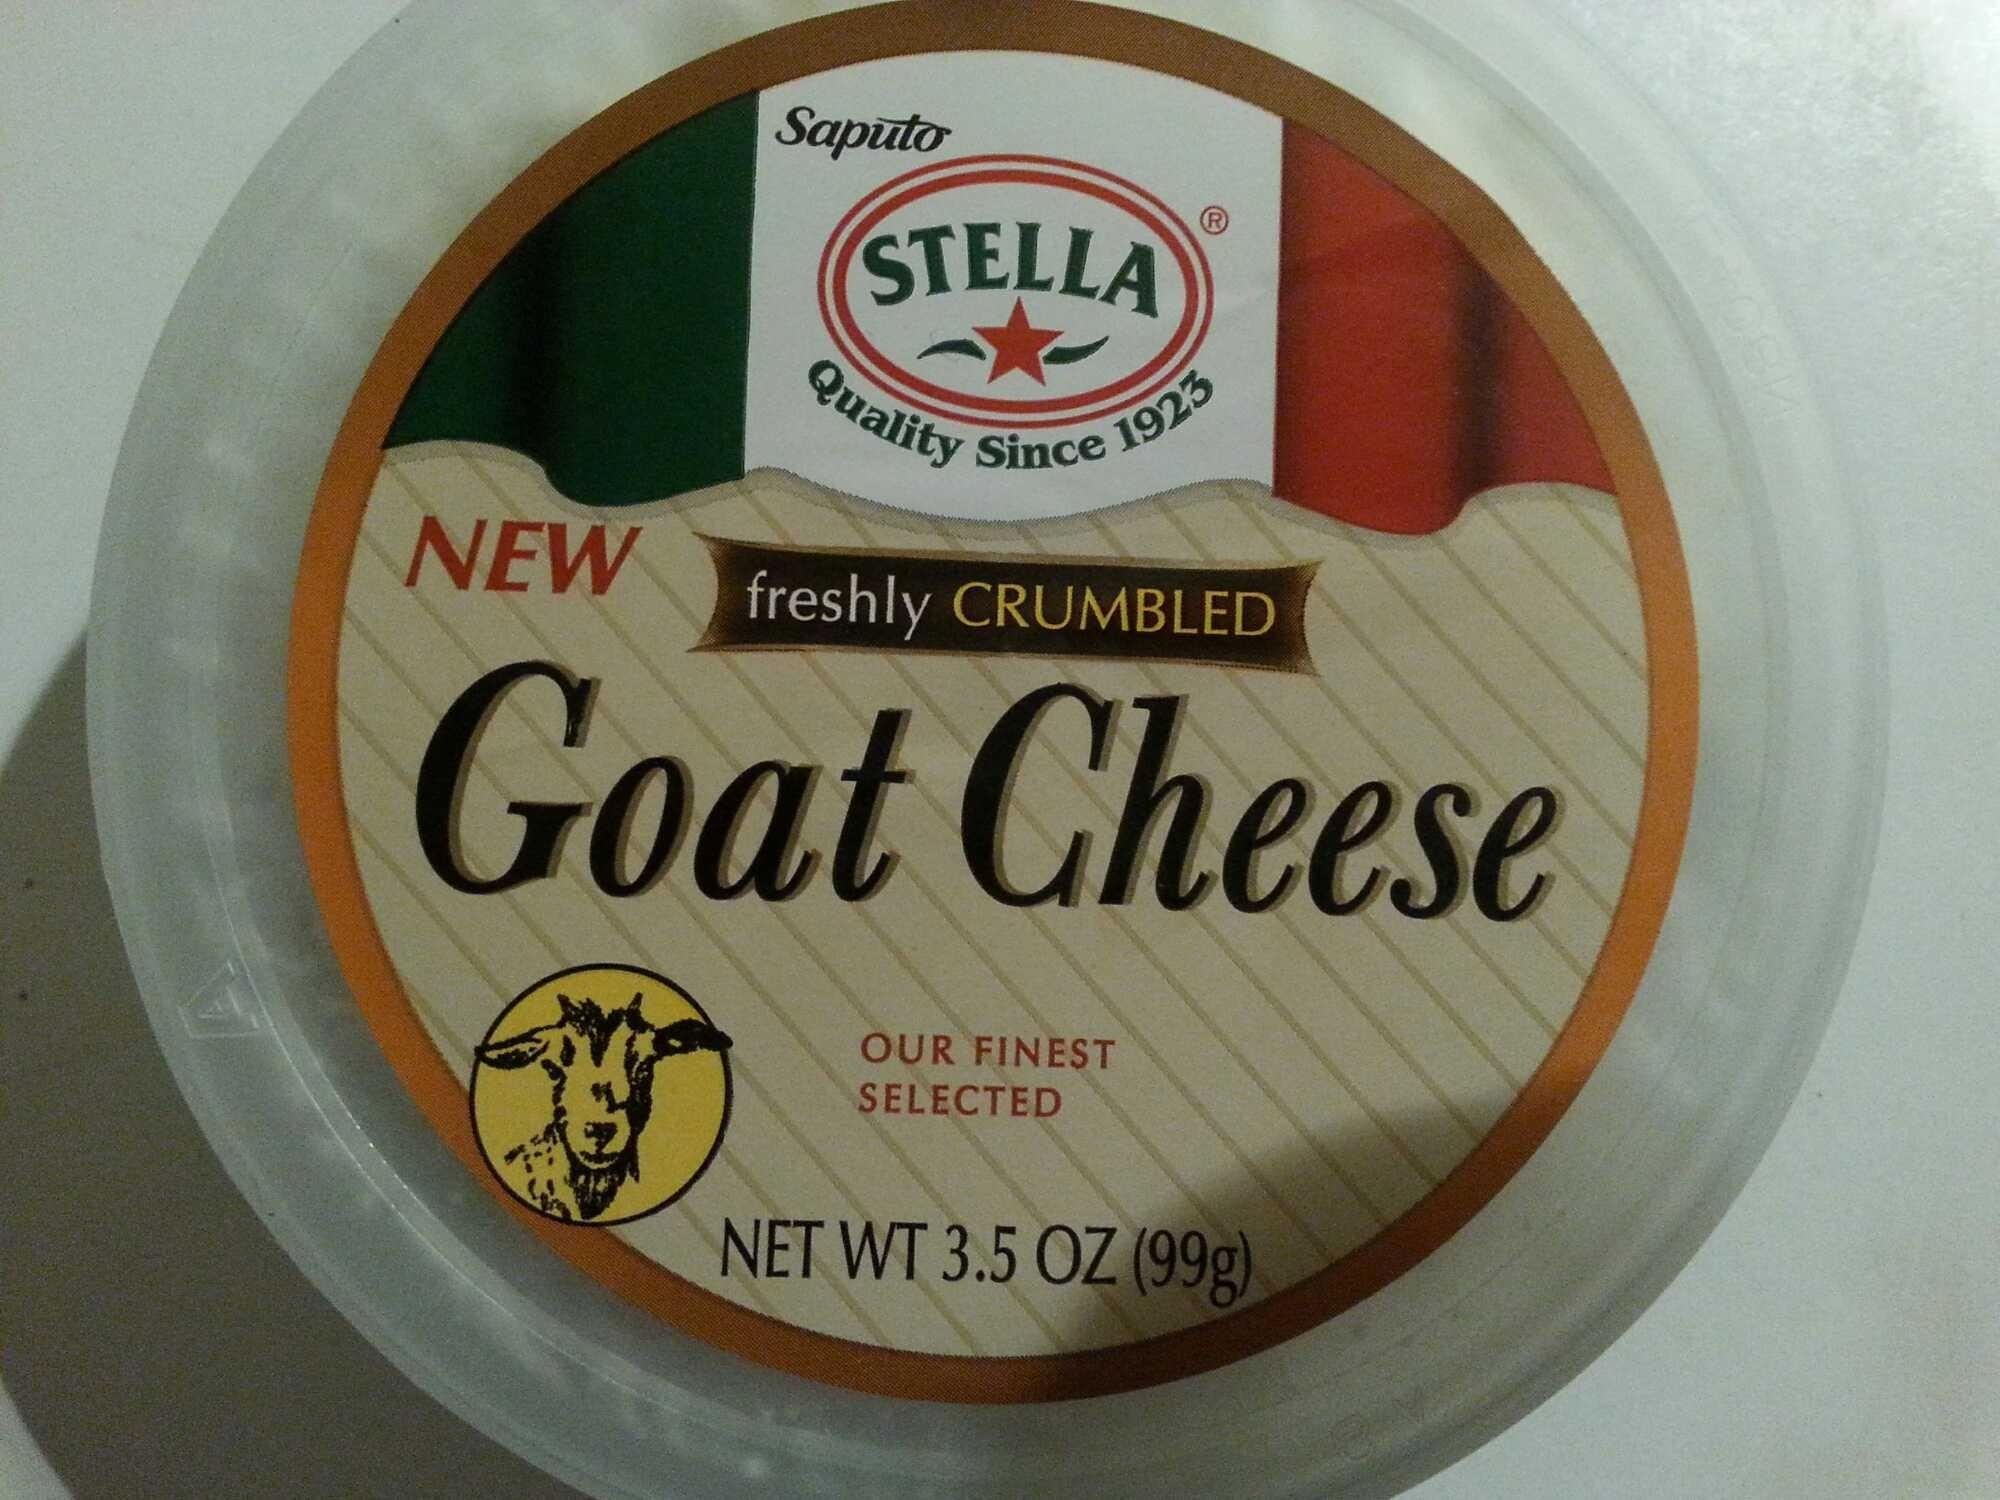 saputo stella goat cheese  35 oz 99 g